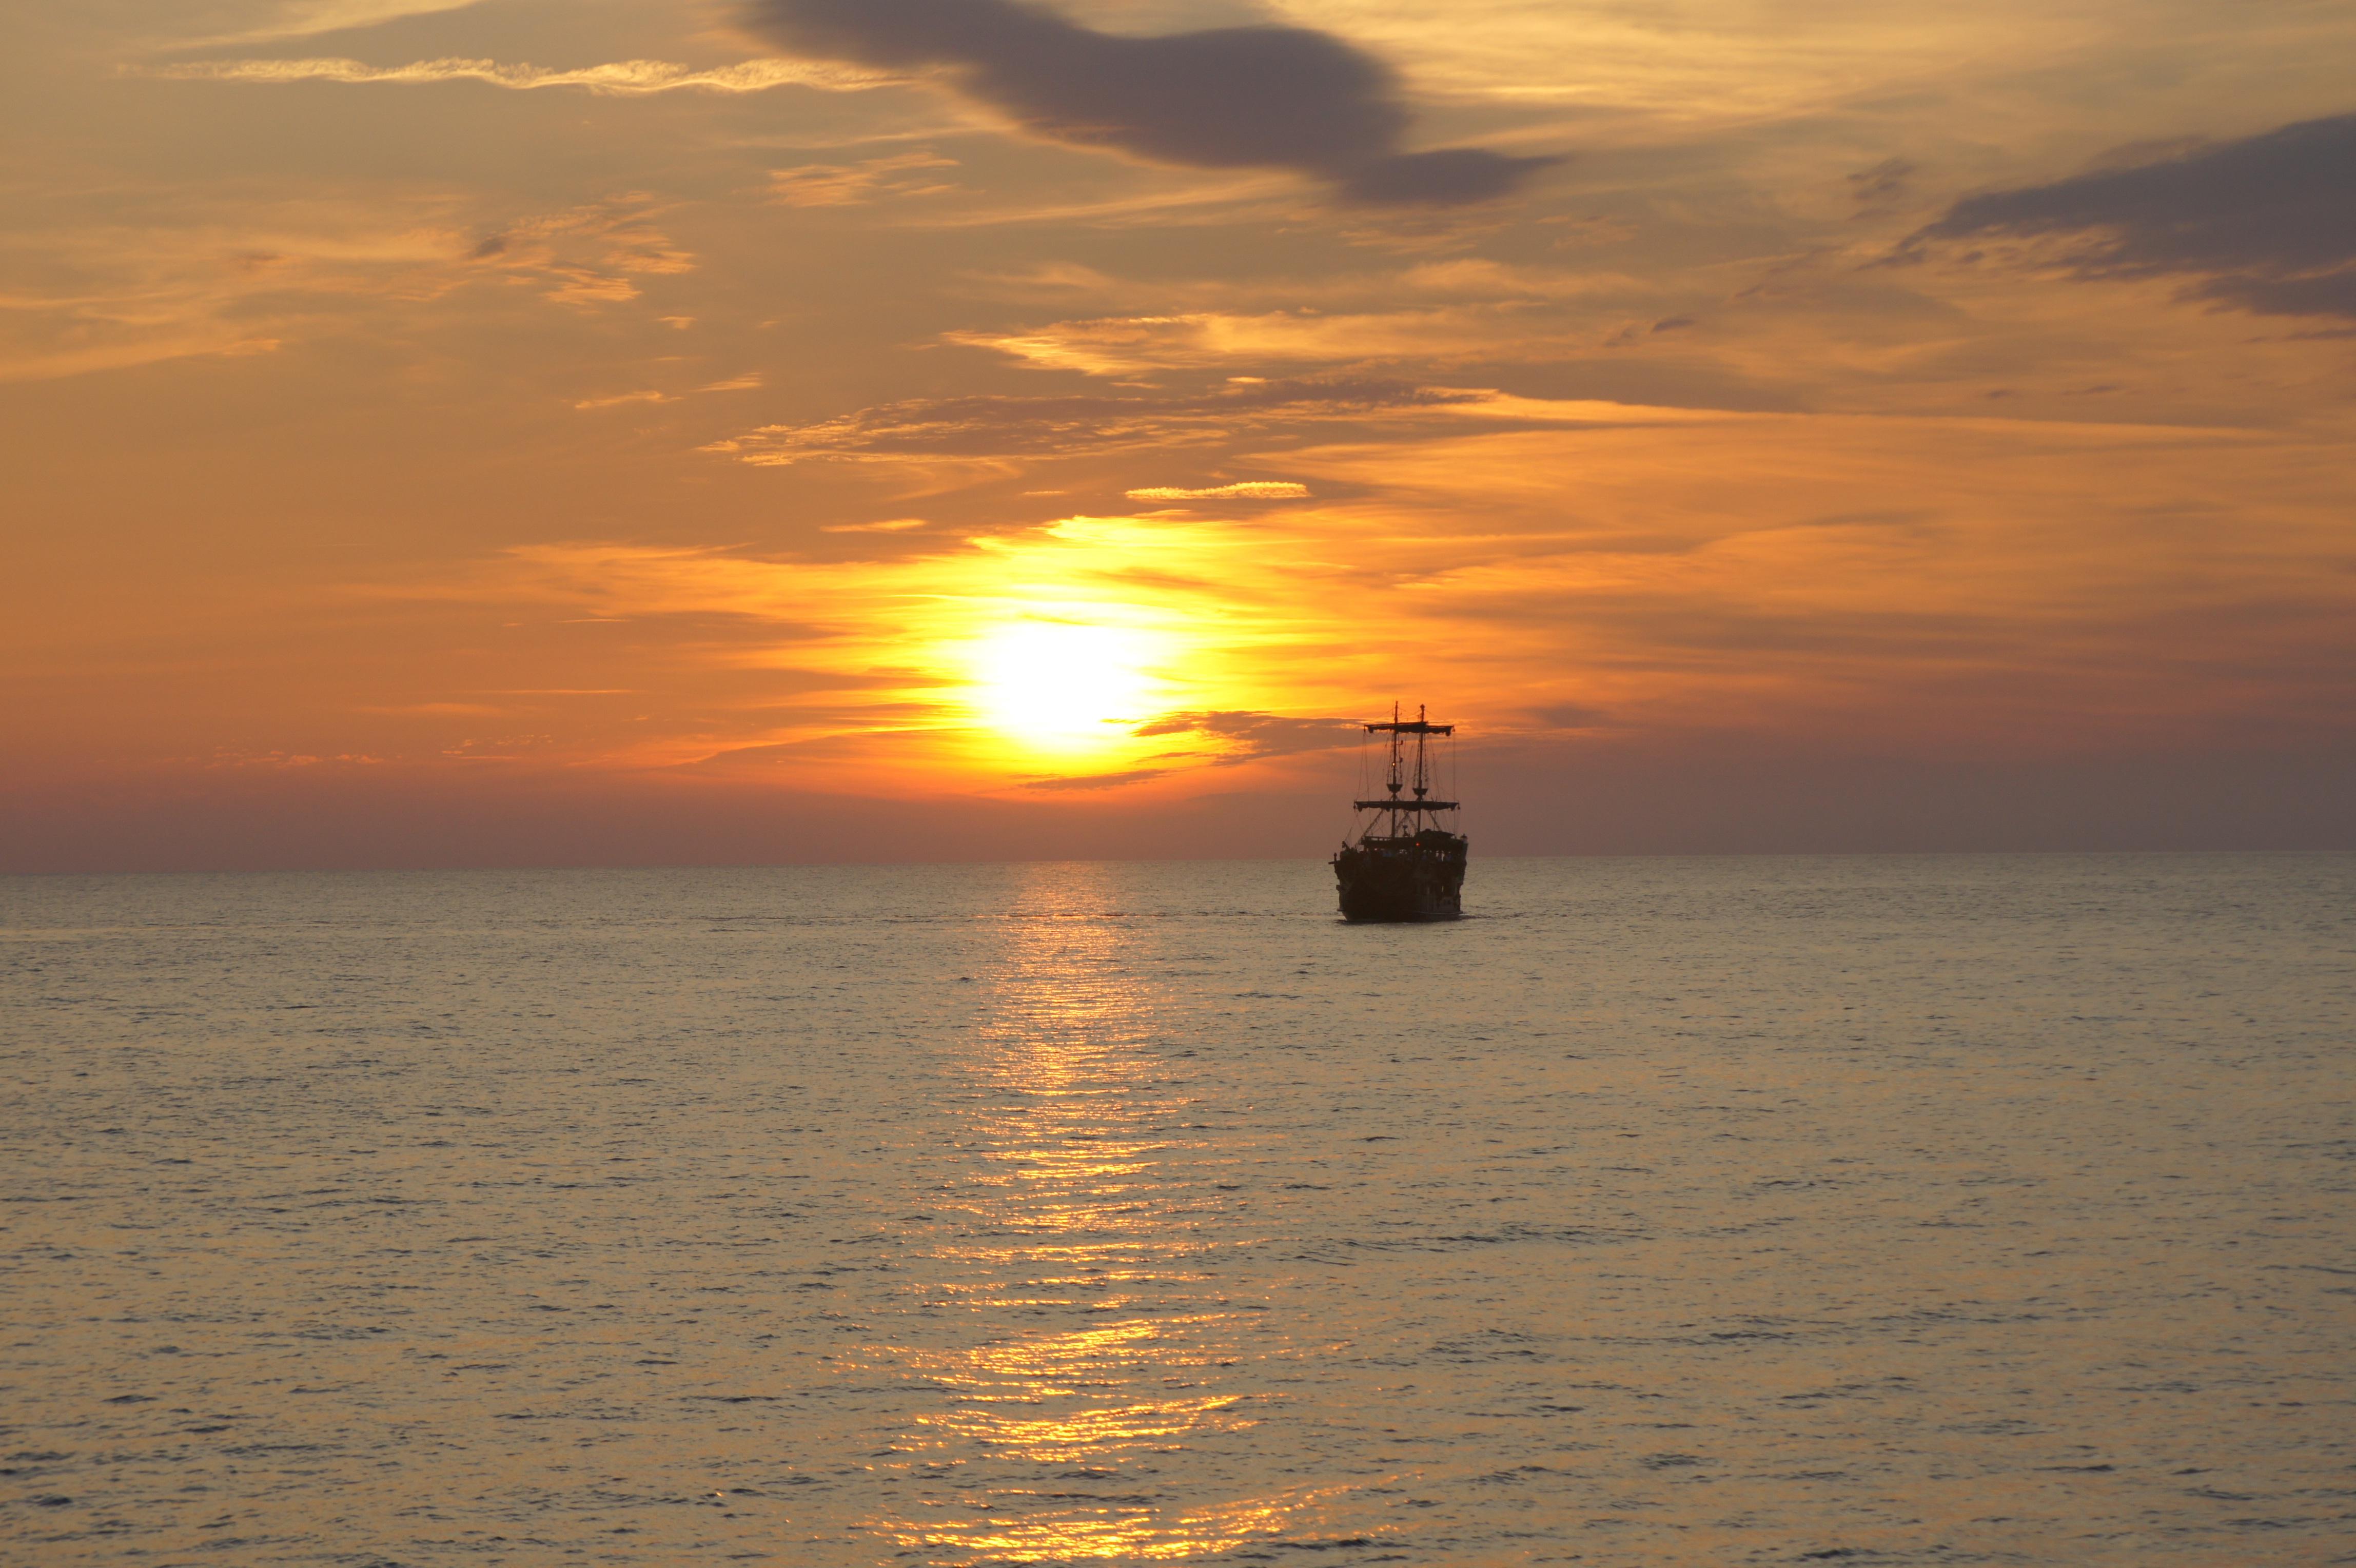 картинки корабля солнце окрестностях курорта есть